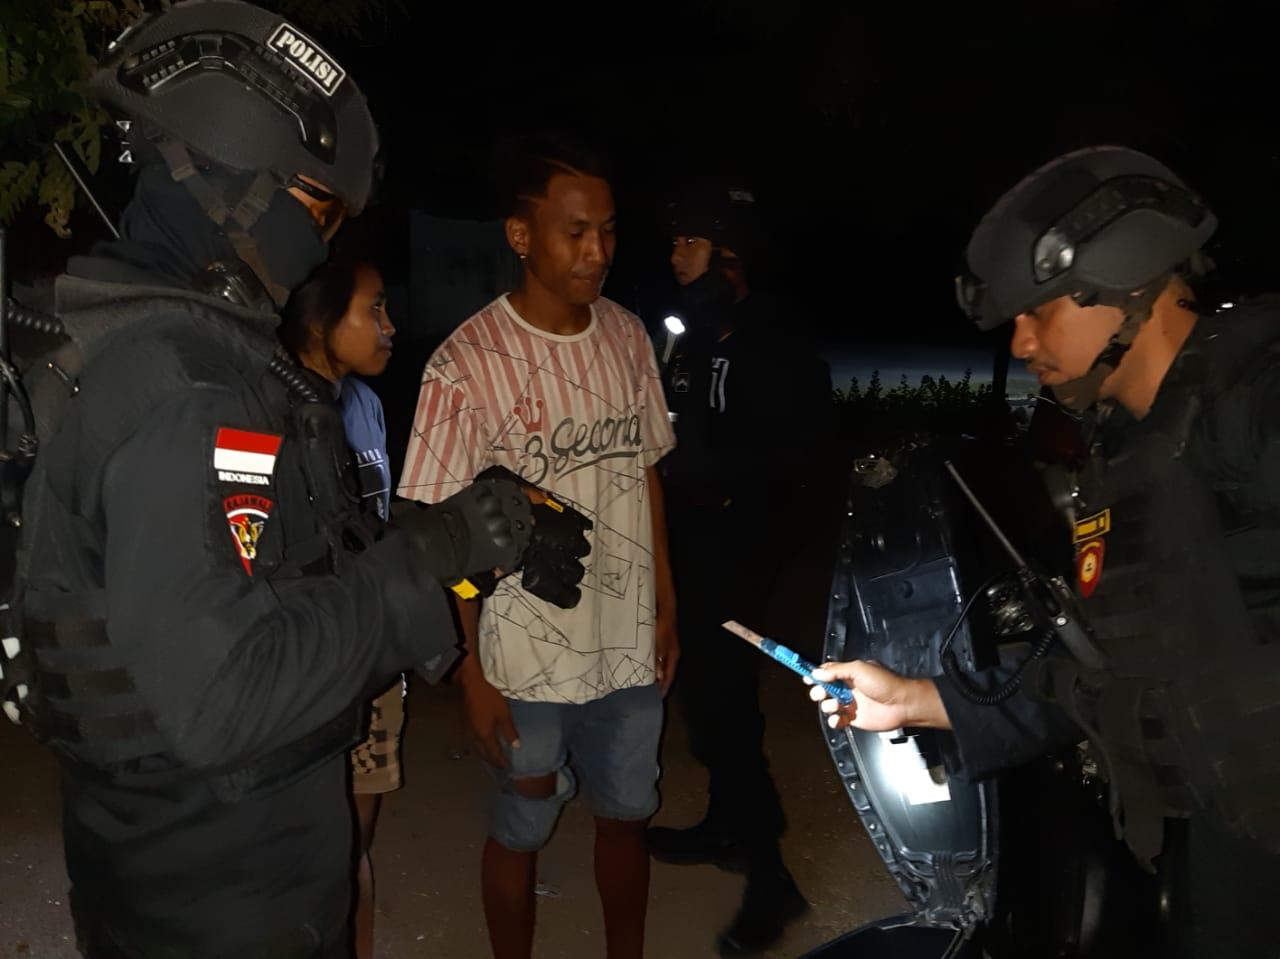 Sajam dan Pemuda Mabuk Diamankan Polres Sumba Timur Saat Gelar Operasi Pekat Malam Hari